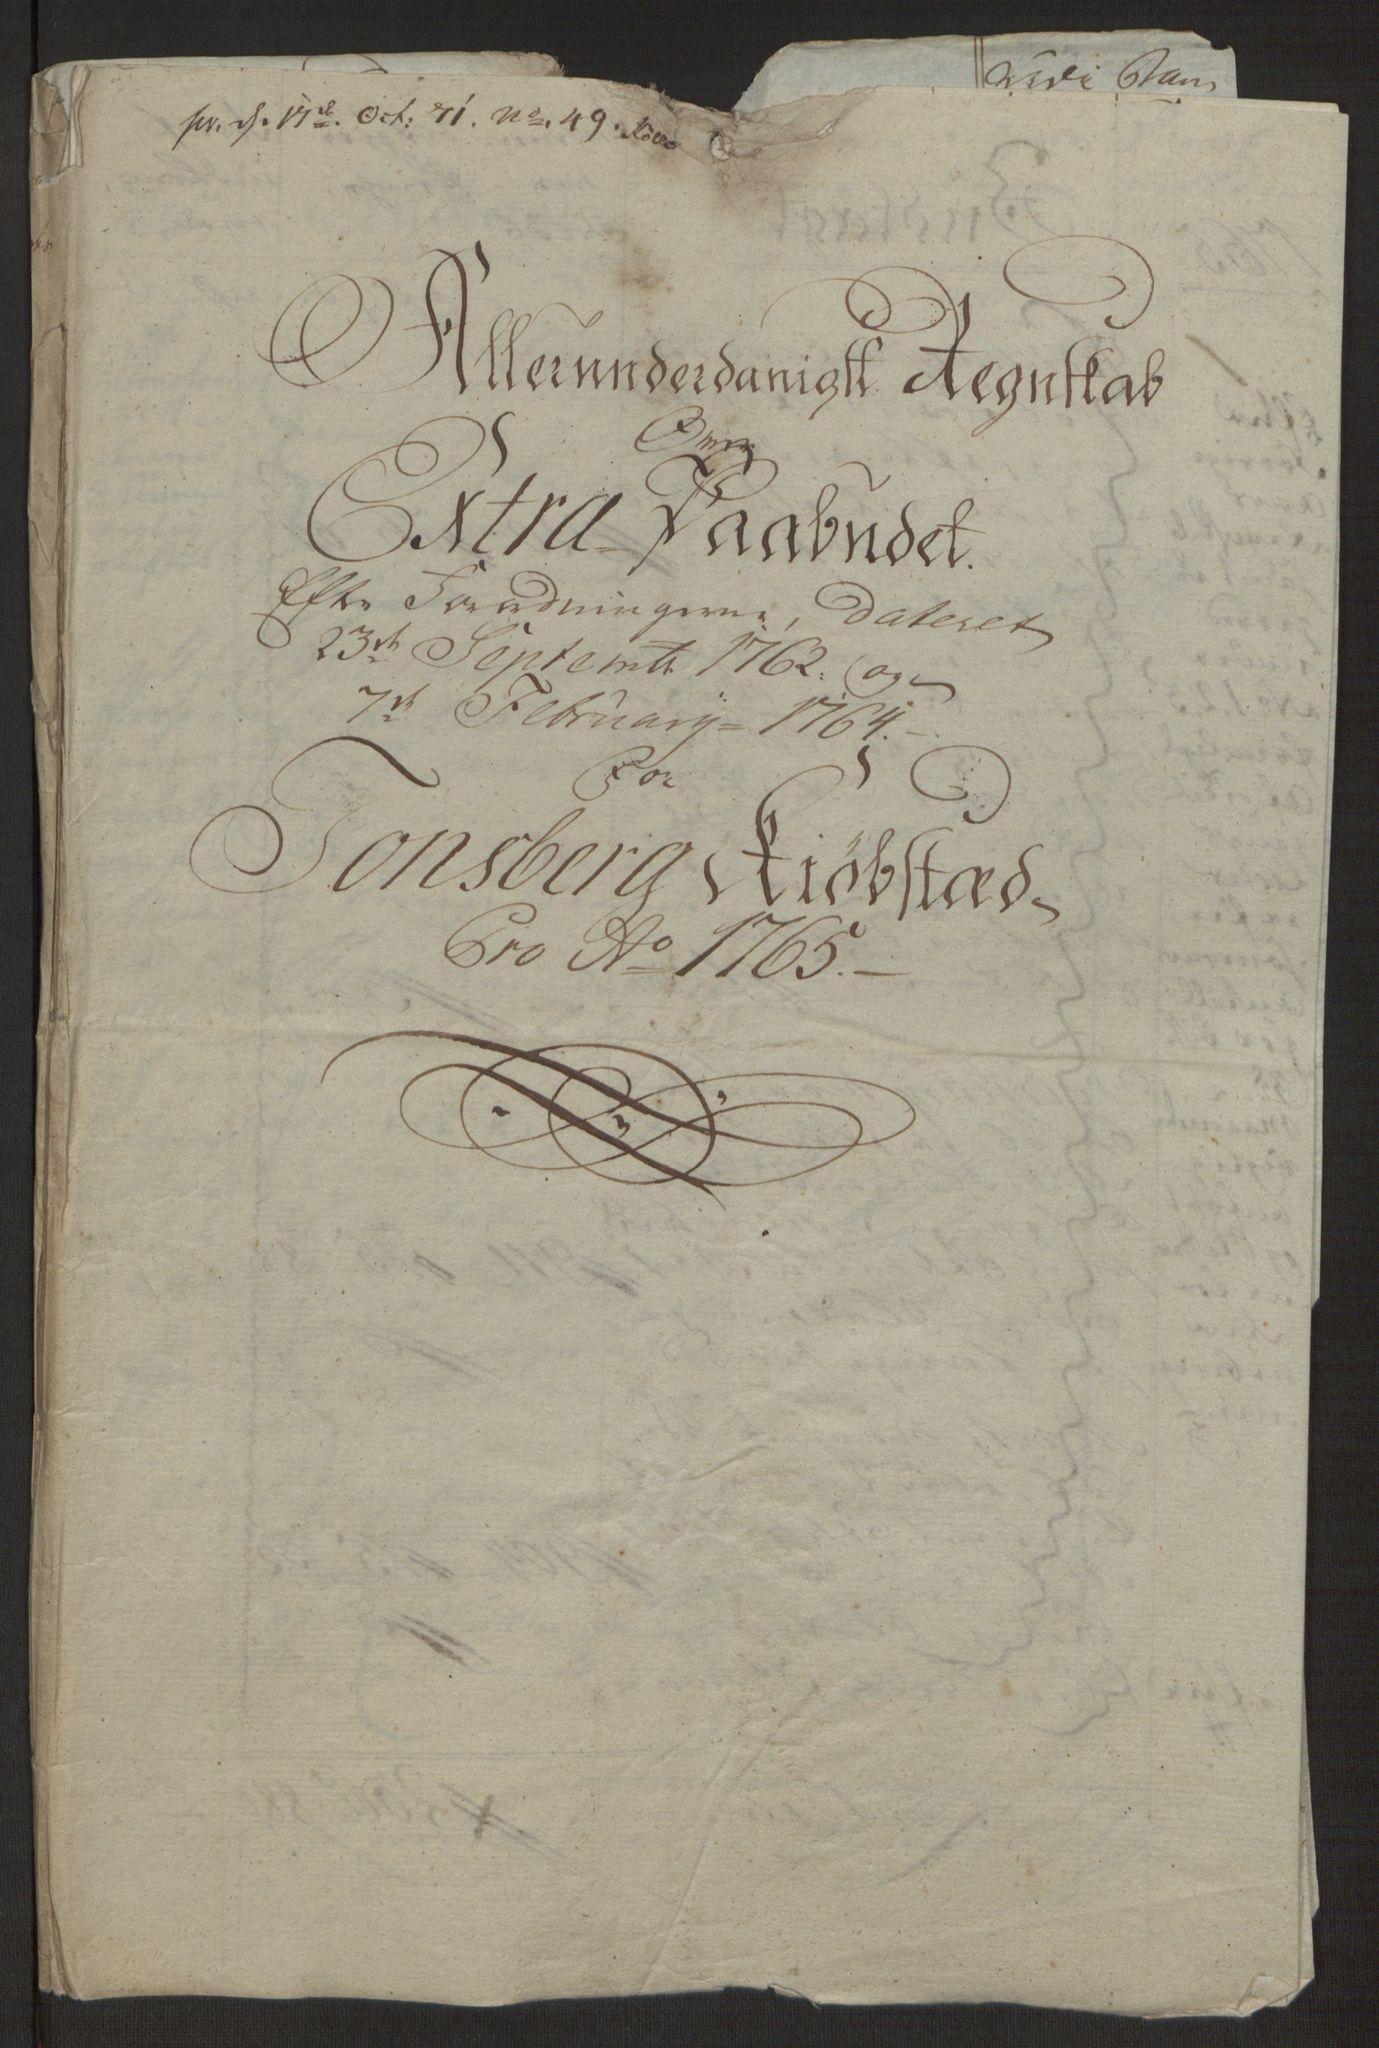 RA, Rentekammeret inntil 1814, Reviderte regnskaper, Byregnskaper, R/Rh/L0162: [H4] Kontribusjonsregnskap, 1762-1772, s. 179